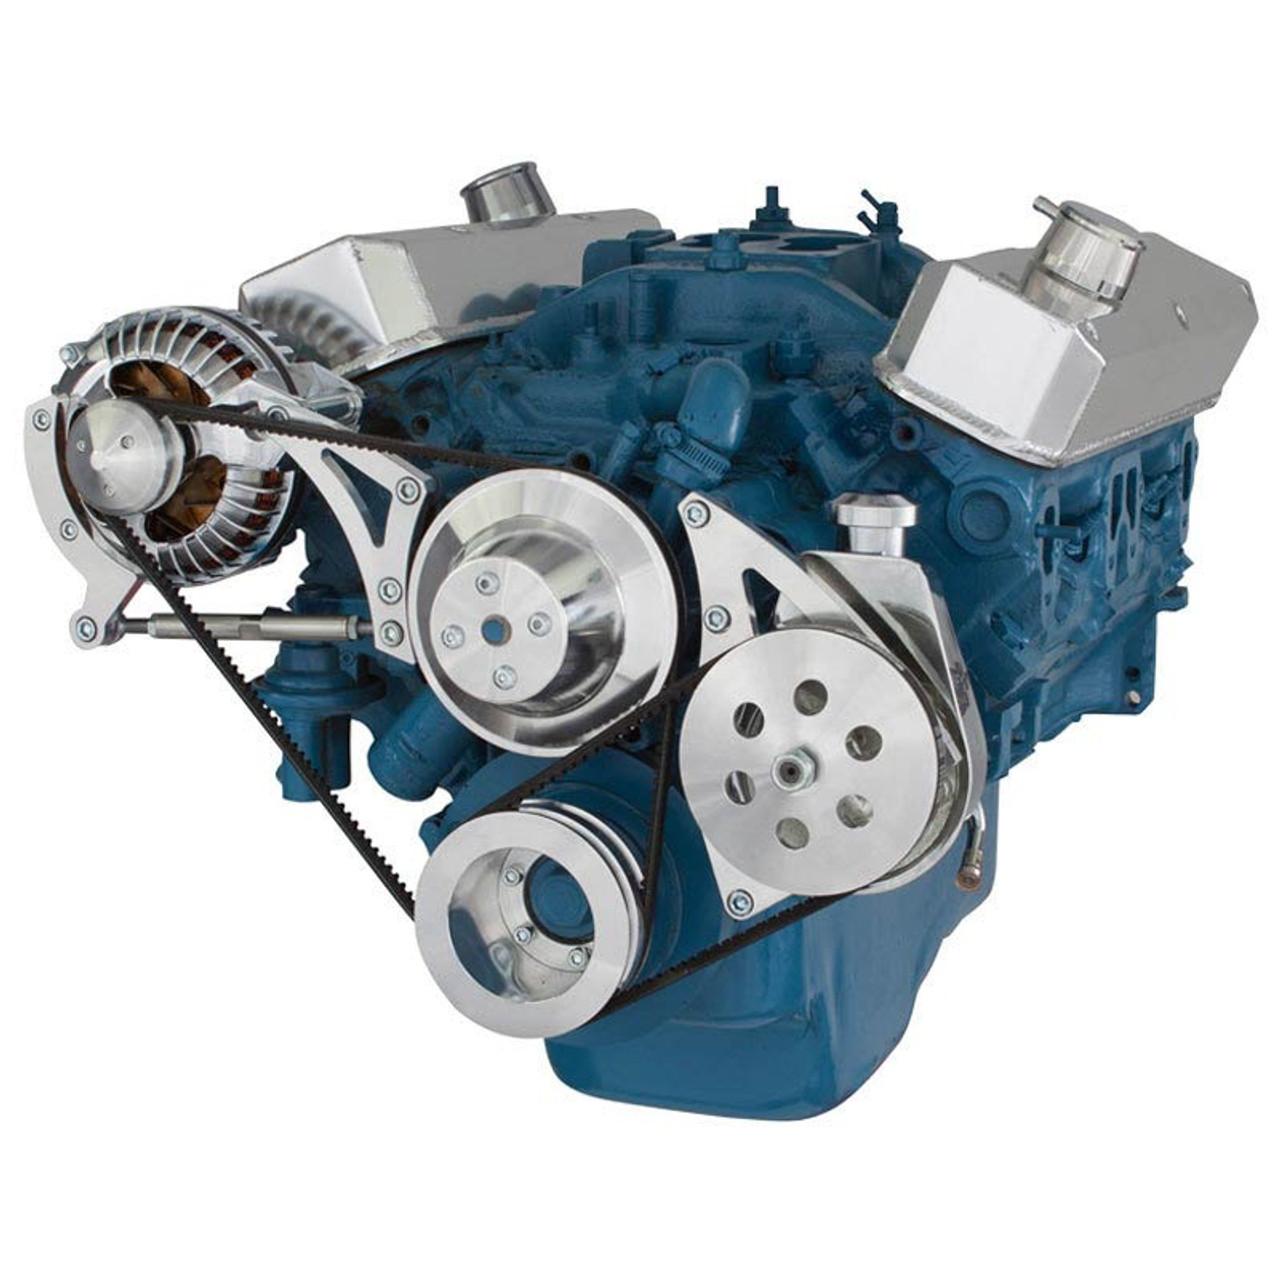 Chrysler Small Block Power Steering & Alternator System (318, 340 & 360)